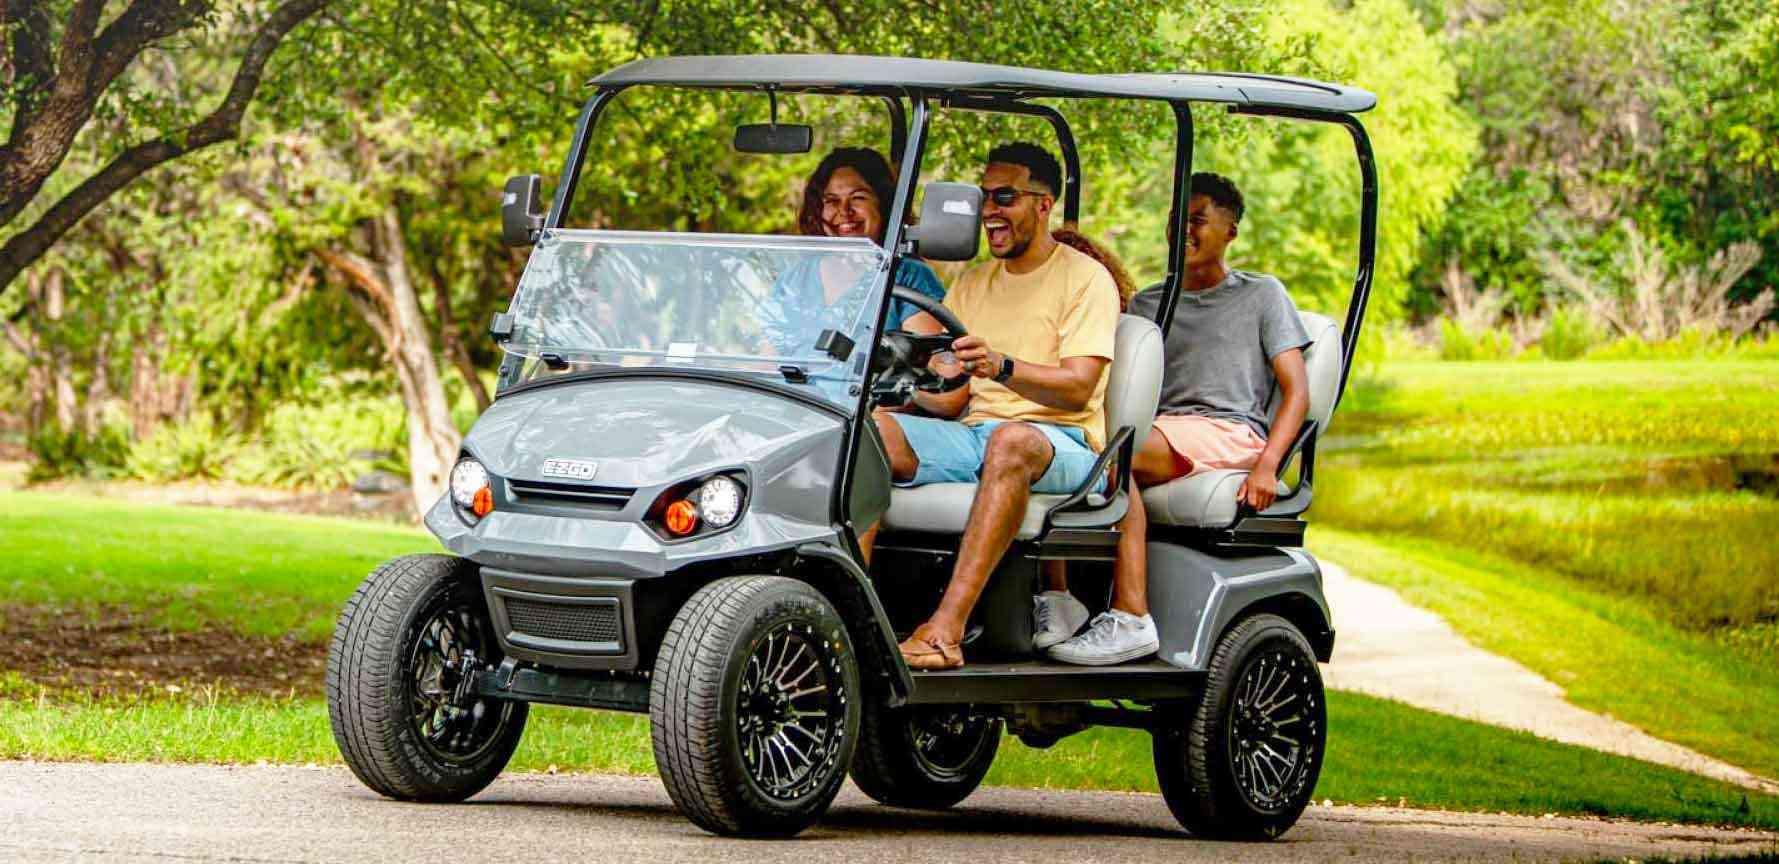 EZGO-Liberty-Utility-Vehicle